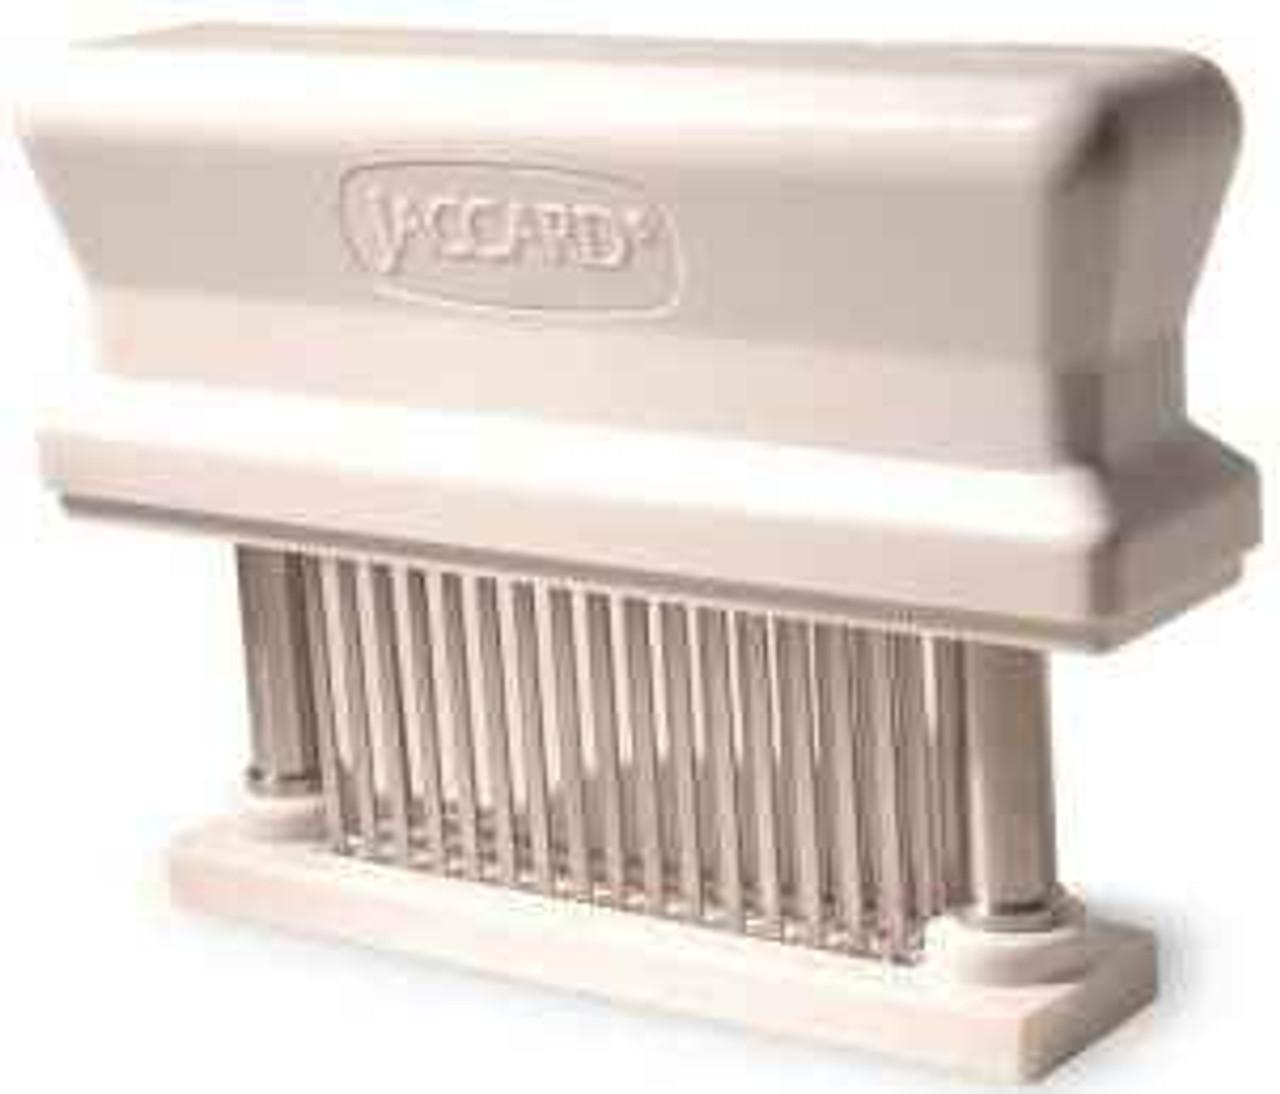 Jaccard 200316 Super Tendermatic Meat Tenderizer, 16 Blades